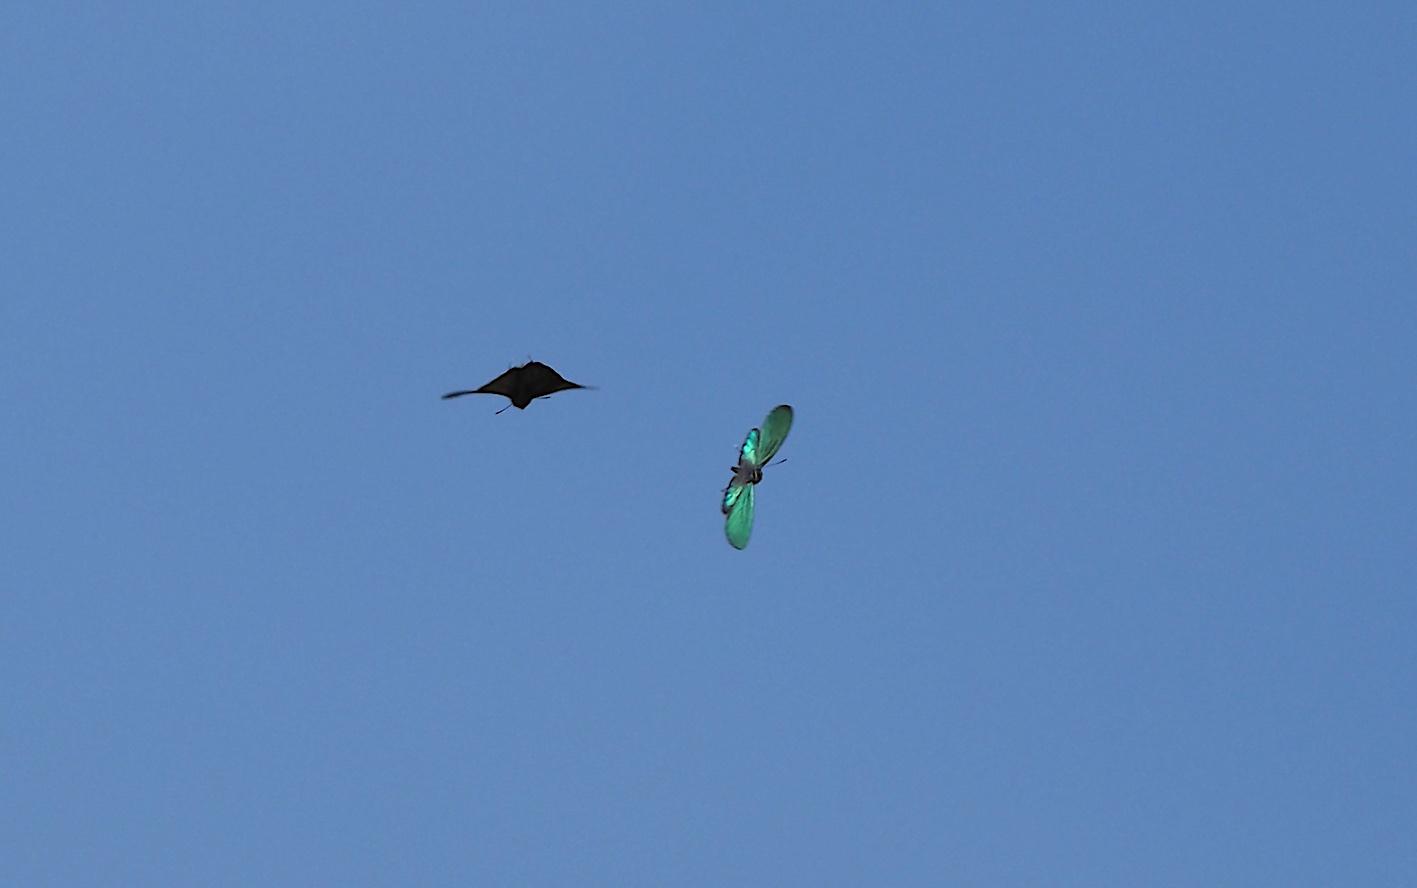 オオミドリシジミの飛翔シーン(2019年6月11日)_d0303129_7254073.jpg